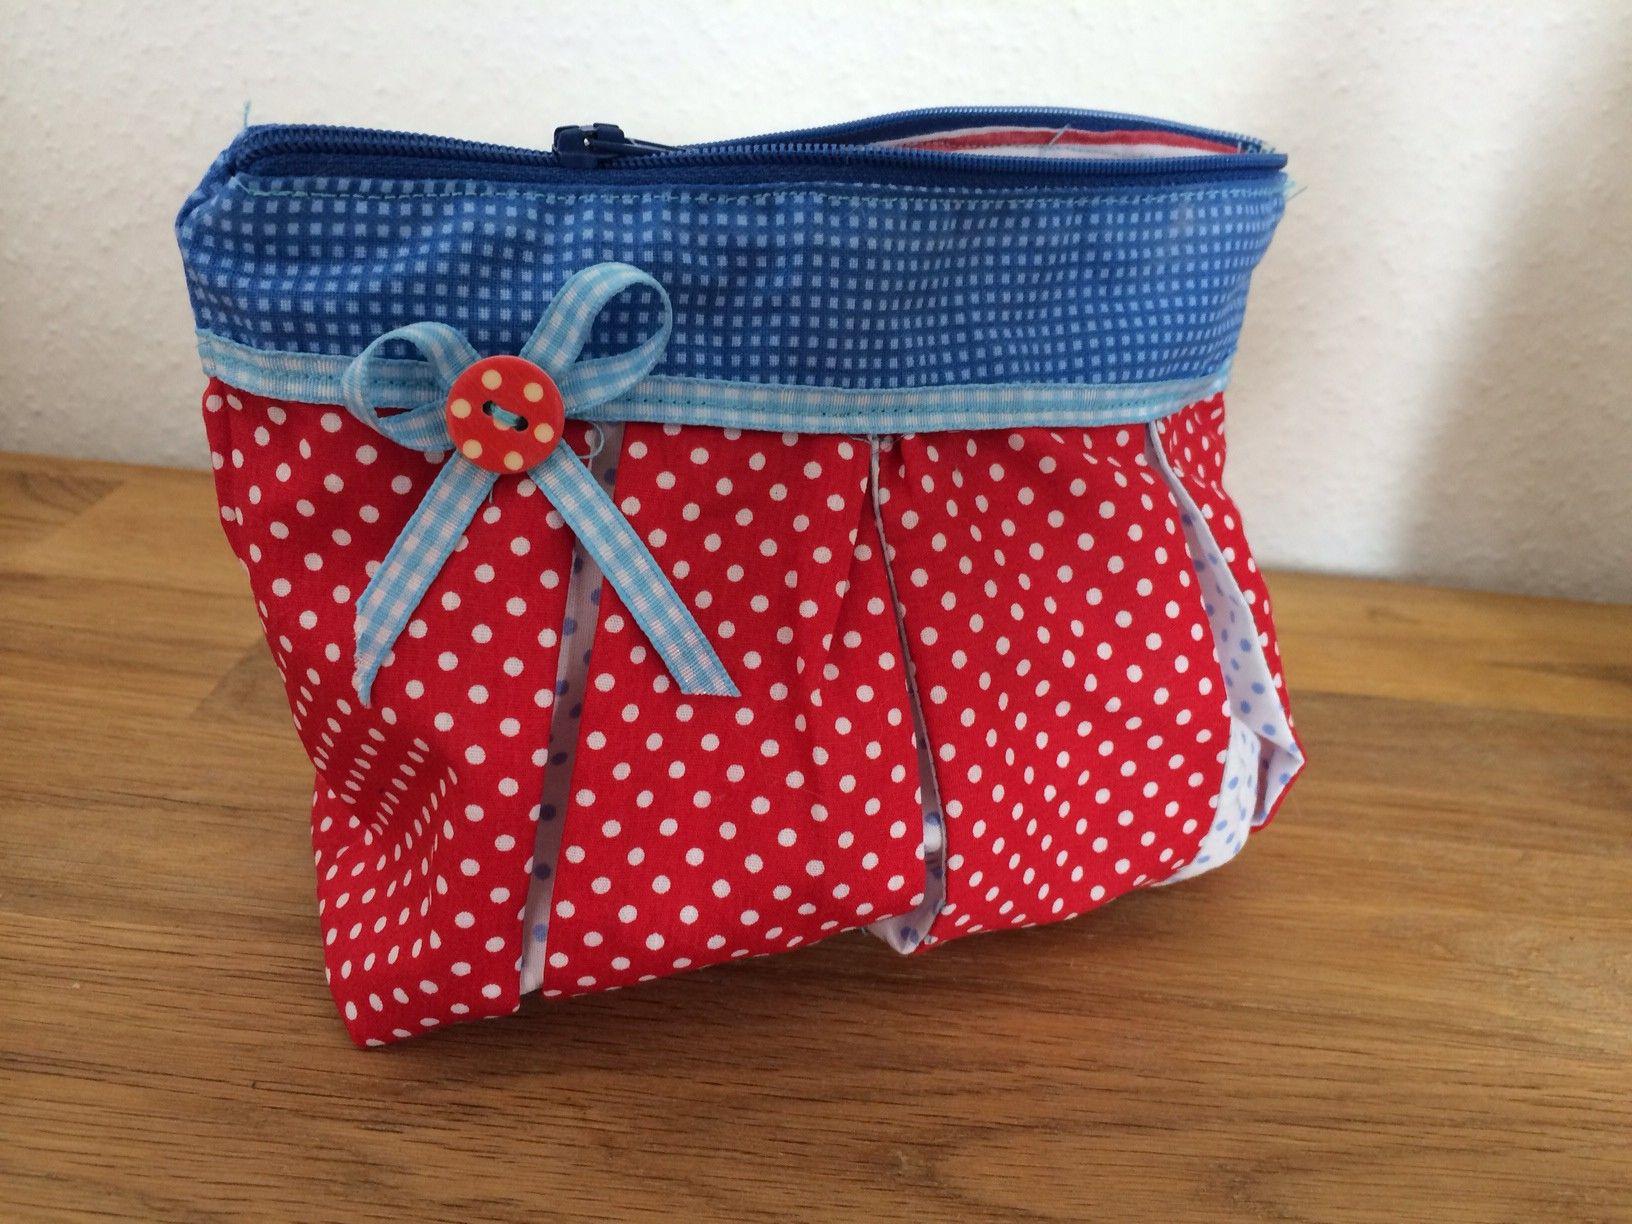 """Kosmetiktasche """"Susie"""" Blau und Rot mit Punkten http://infografik-design.com/kosmetiktaschen-selber-naehen-fuer-anfaenger/ #nähen #Kosmetiktasche #Tasche #DIY"""